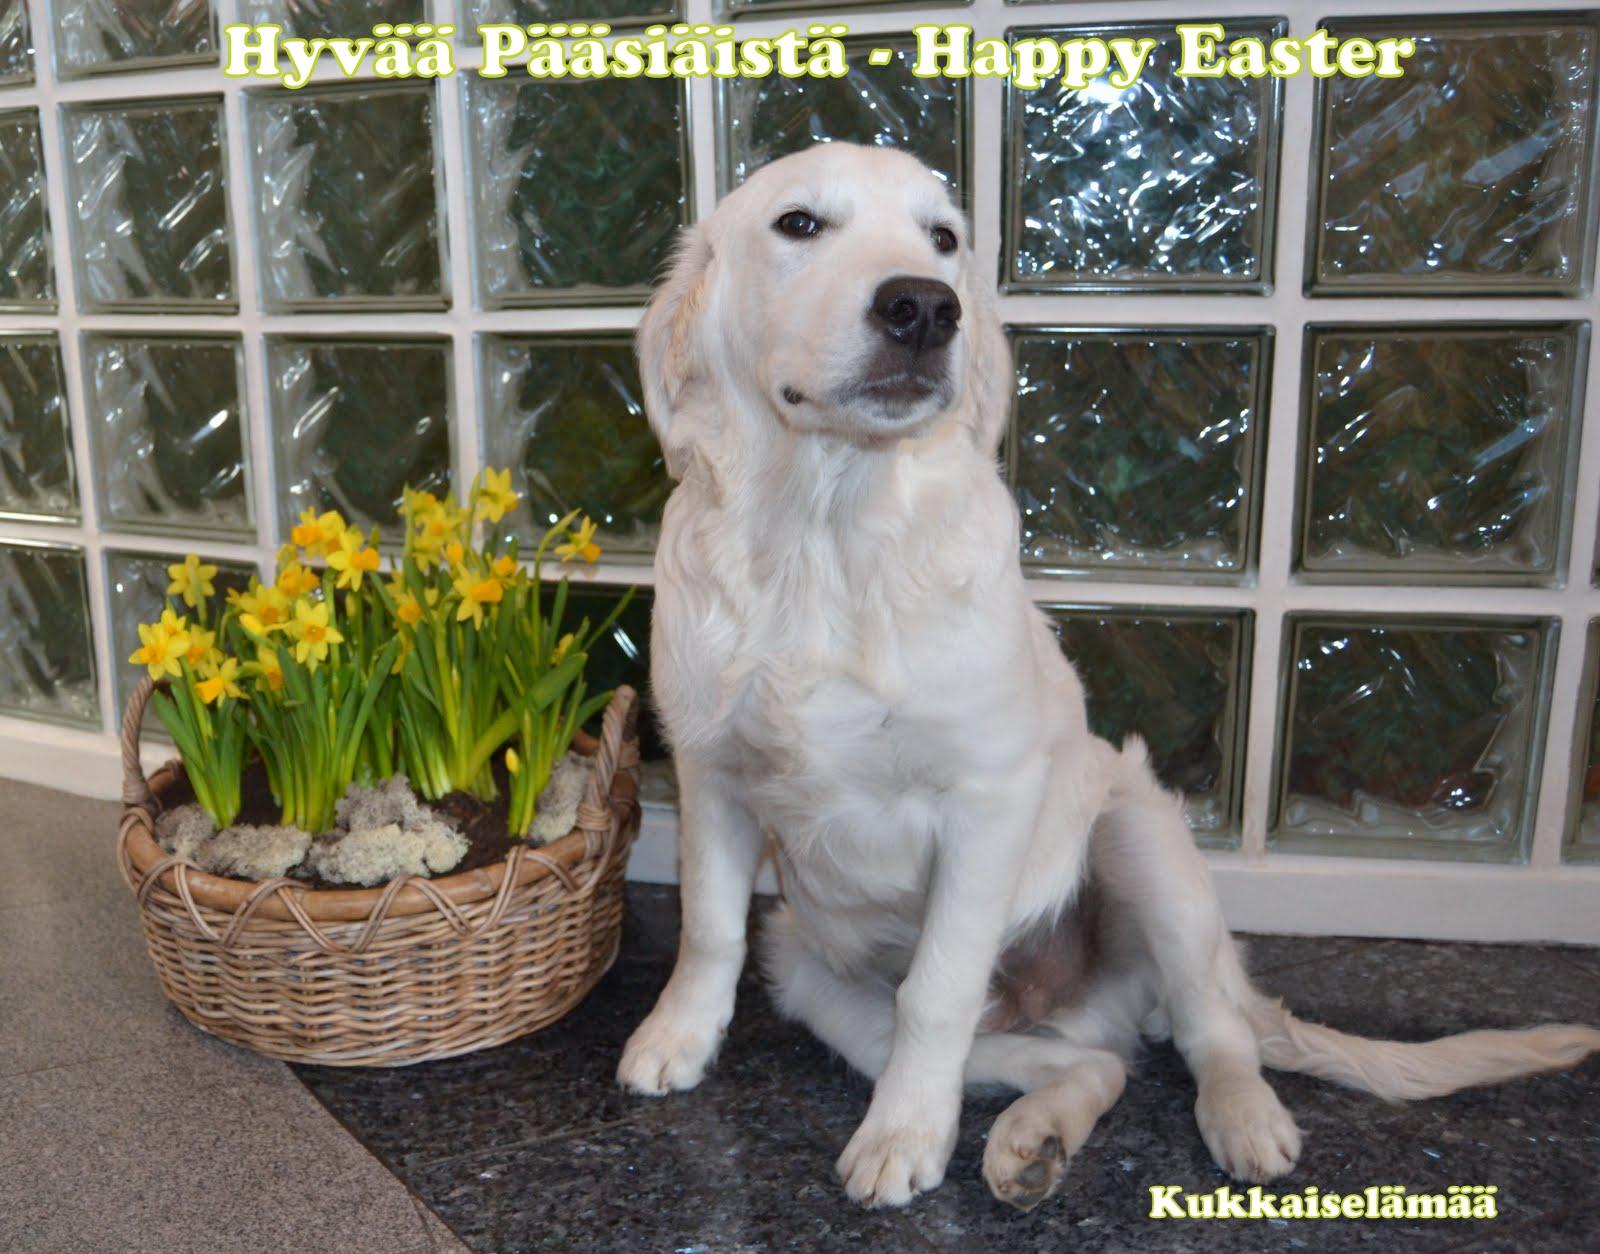 Hyvää Pääsiäistä – Happy Easter